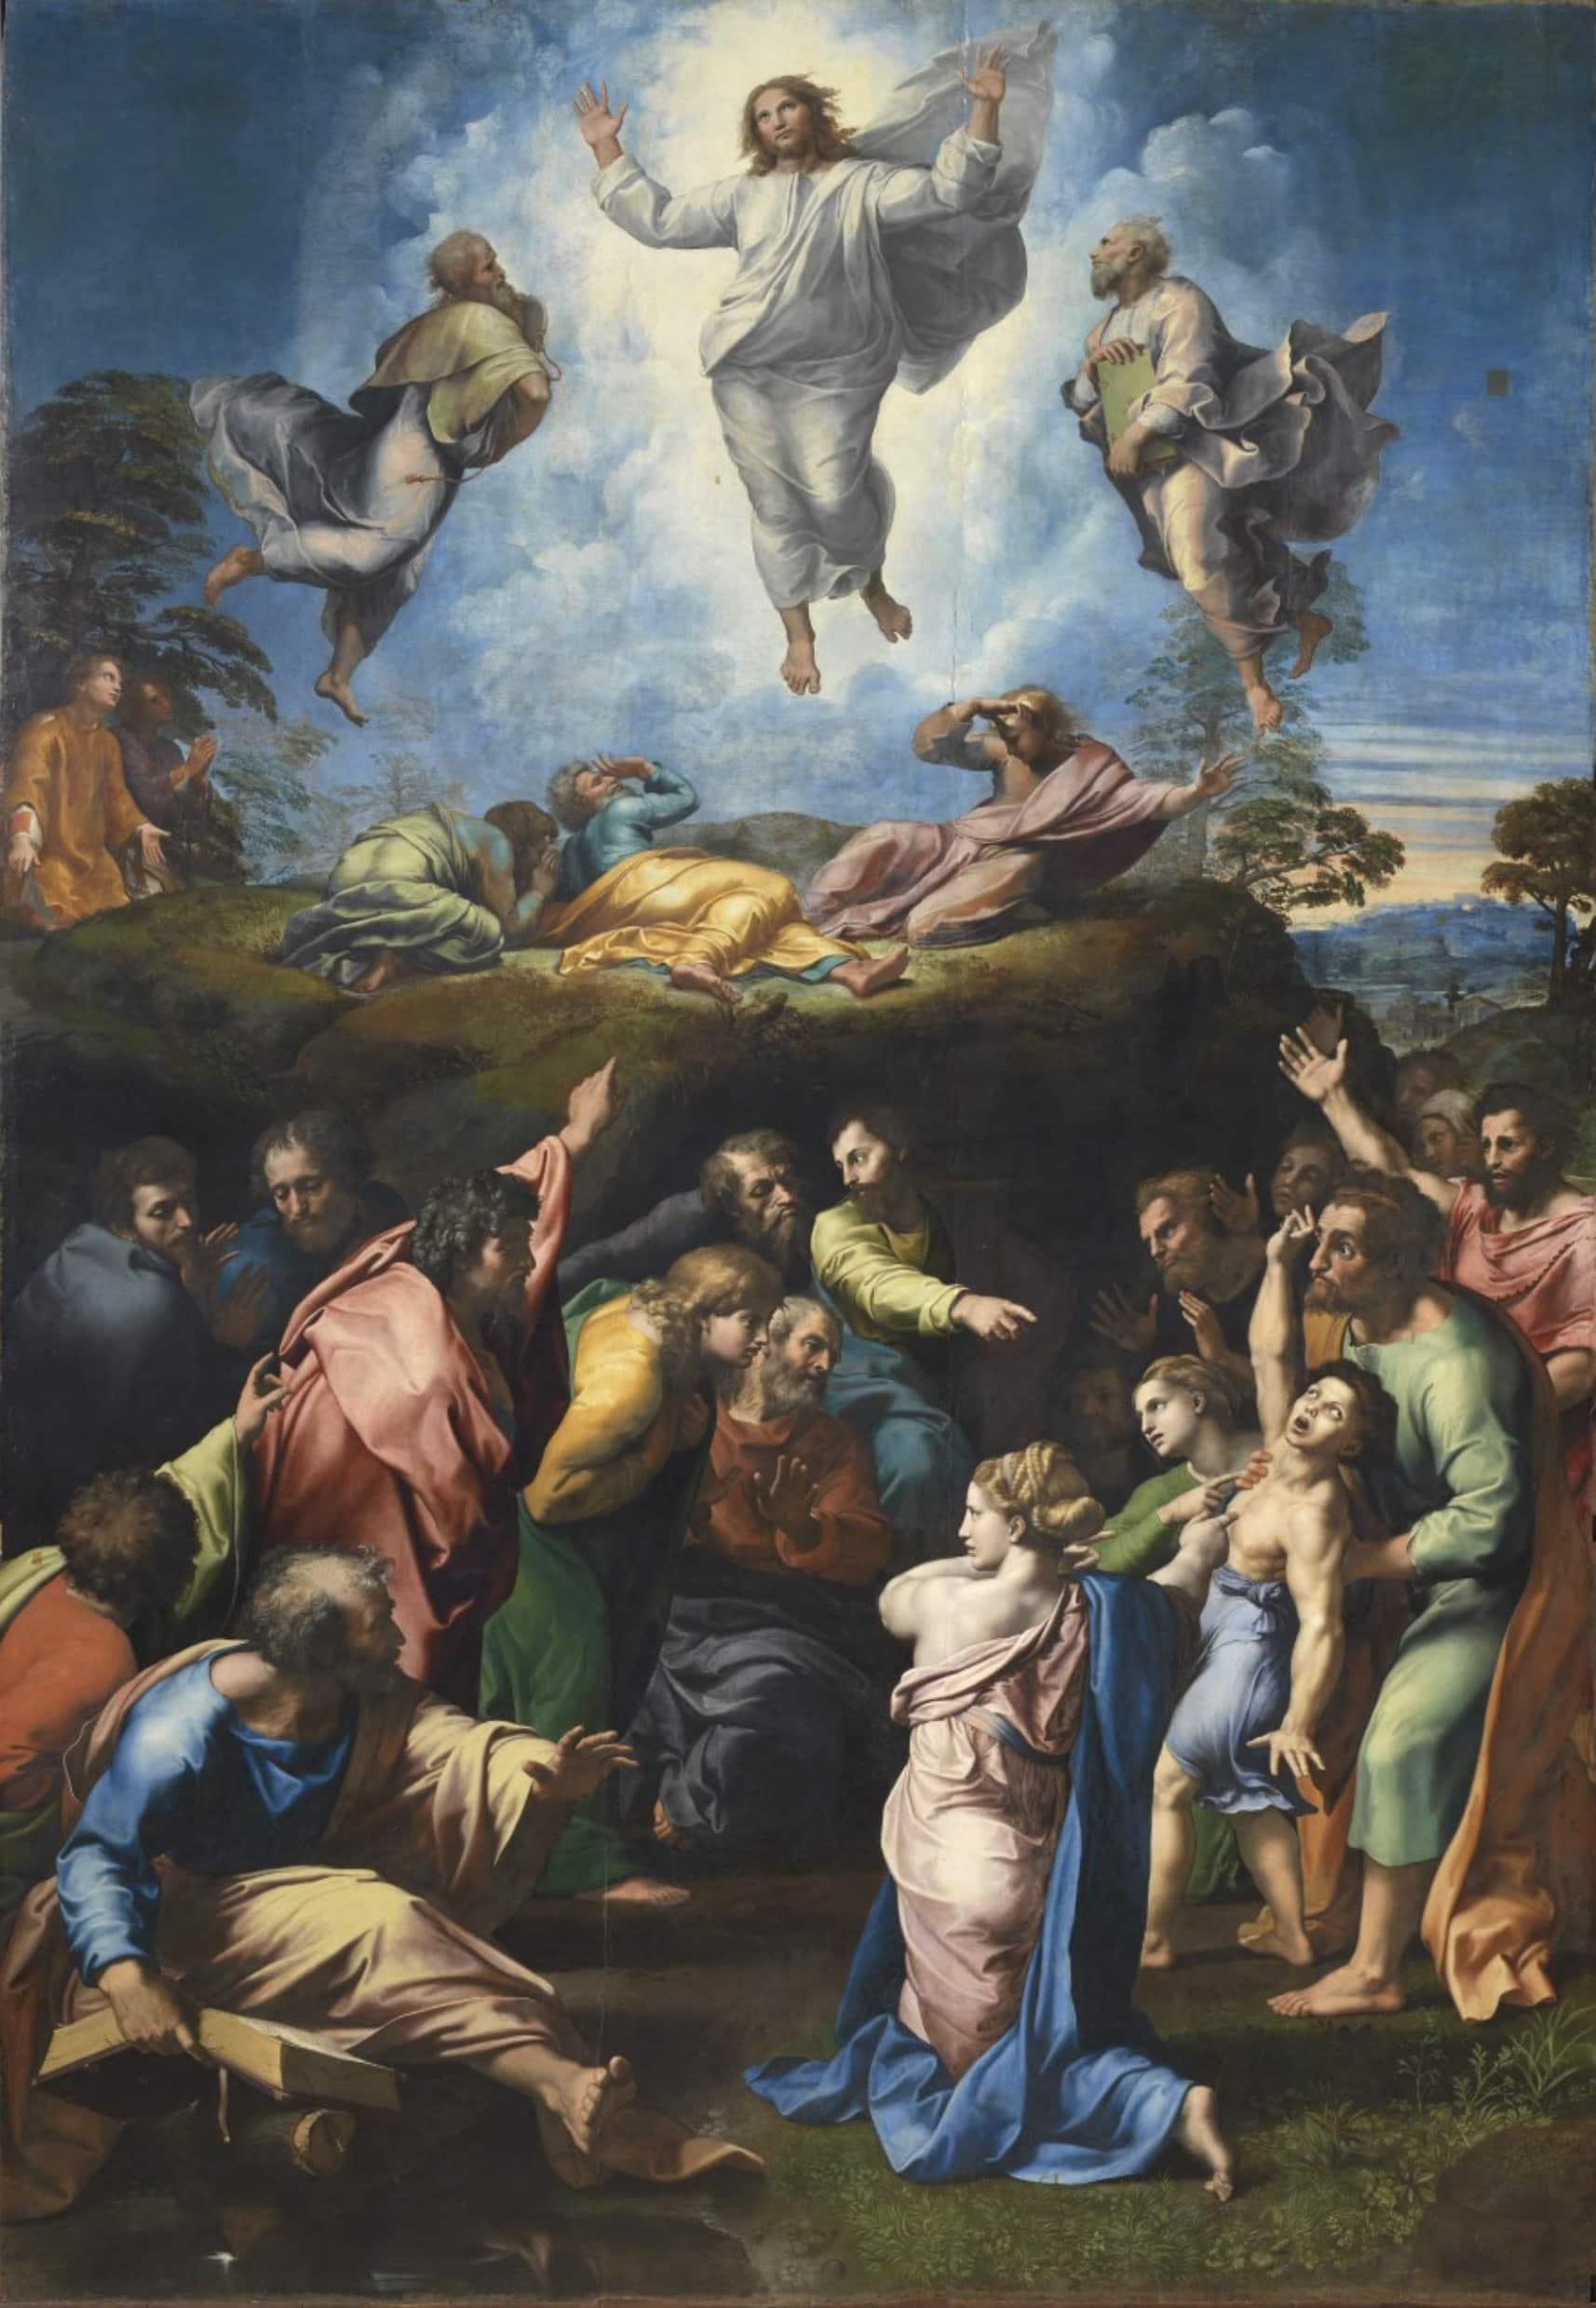 Raffael Die Verklärung Christi - Dokumentarfilm über Leben und Werk des Renaissancekünstlers Raffael